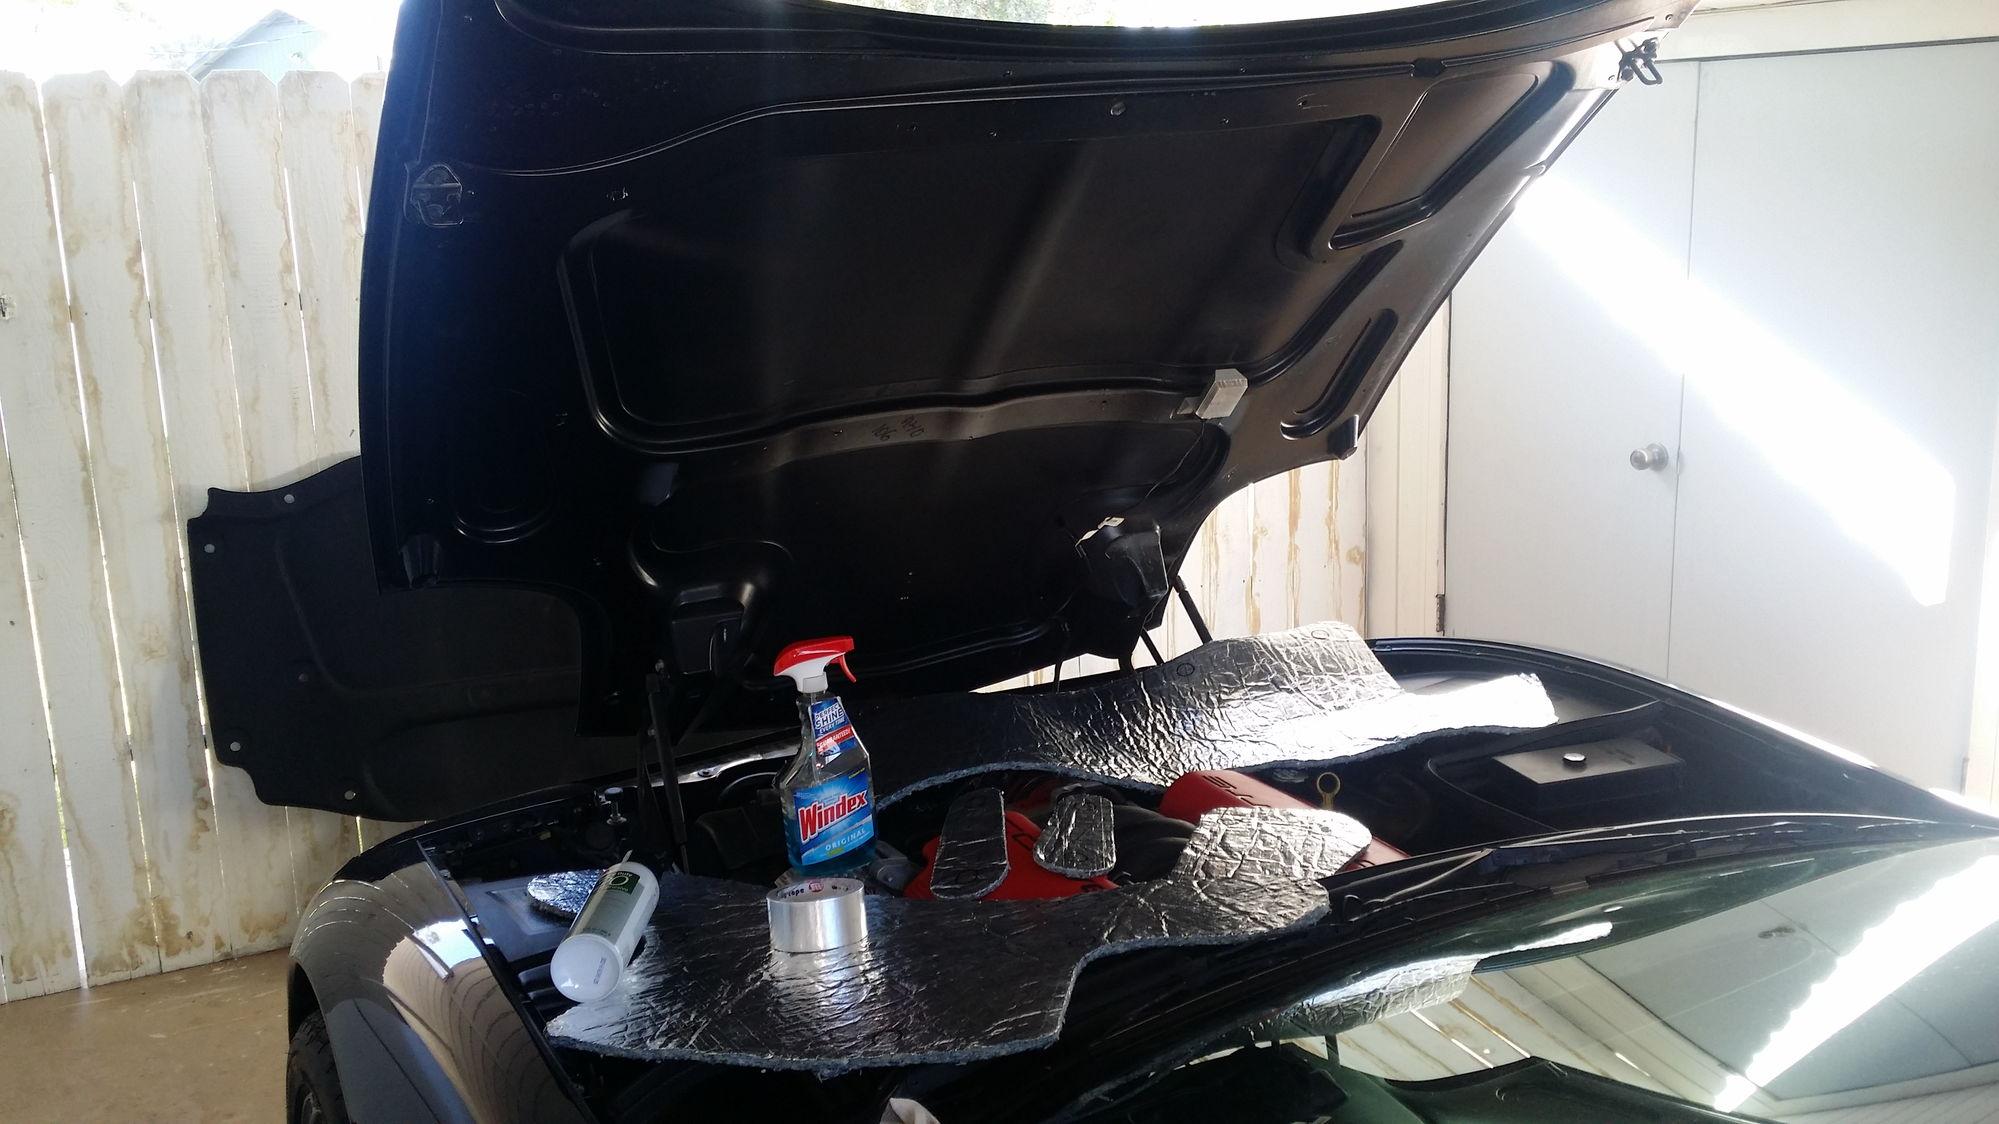 Chevrolet Greenville Sc >> C5 hood insulation - CorvetteForum - Chevrolet Corvette ...